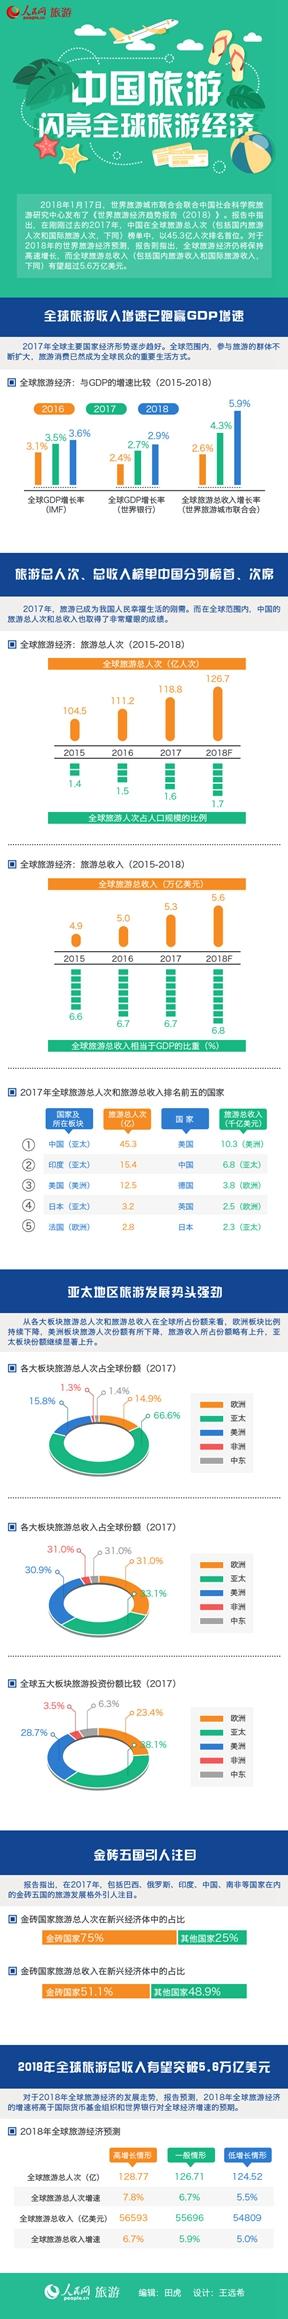 第48期1月17日发布的《世界旅游经济趋势报告(2018)》中指出,2017年中国在旅游总人次、总收入榜单中已分列世界排名的榜首、次席。